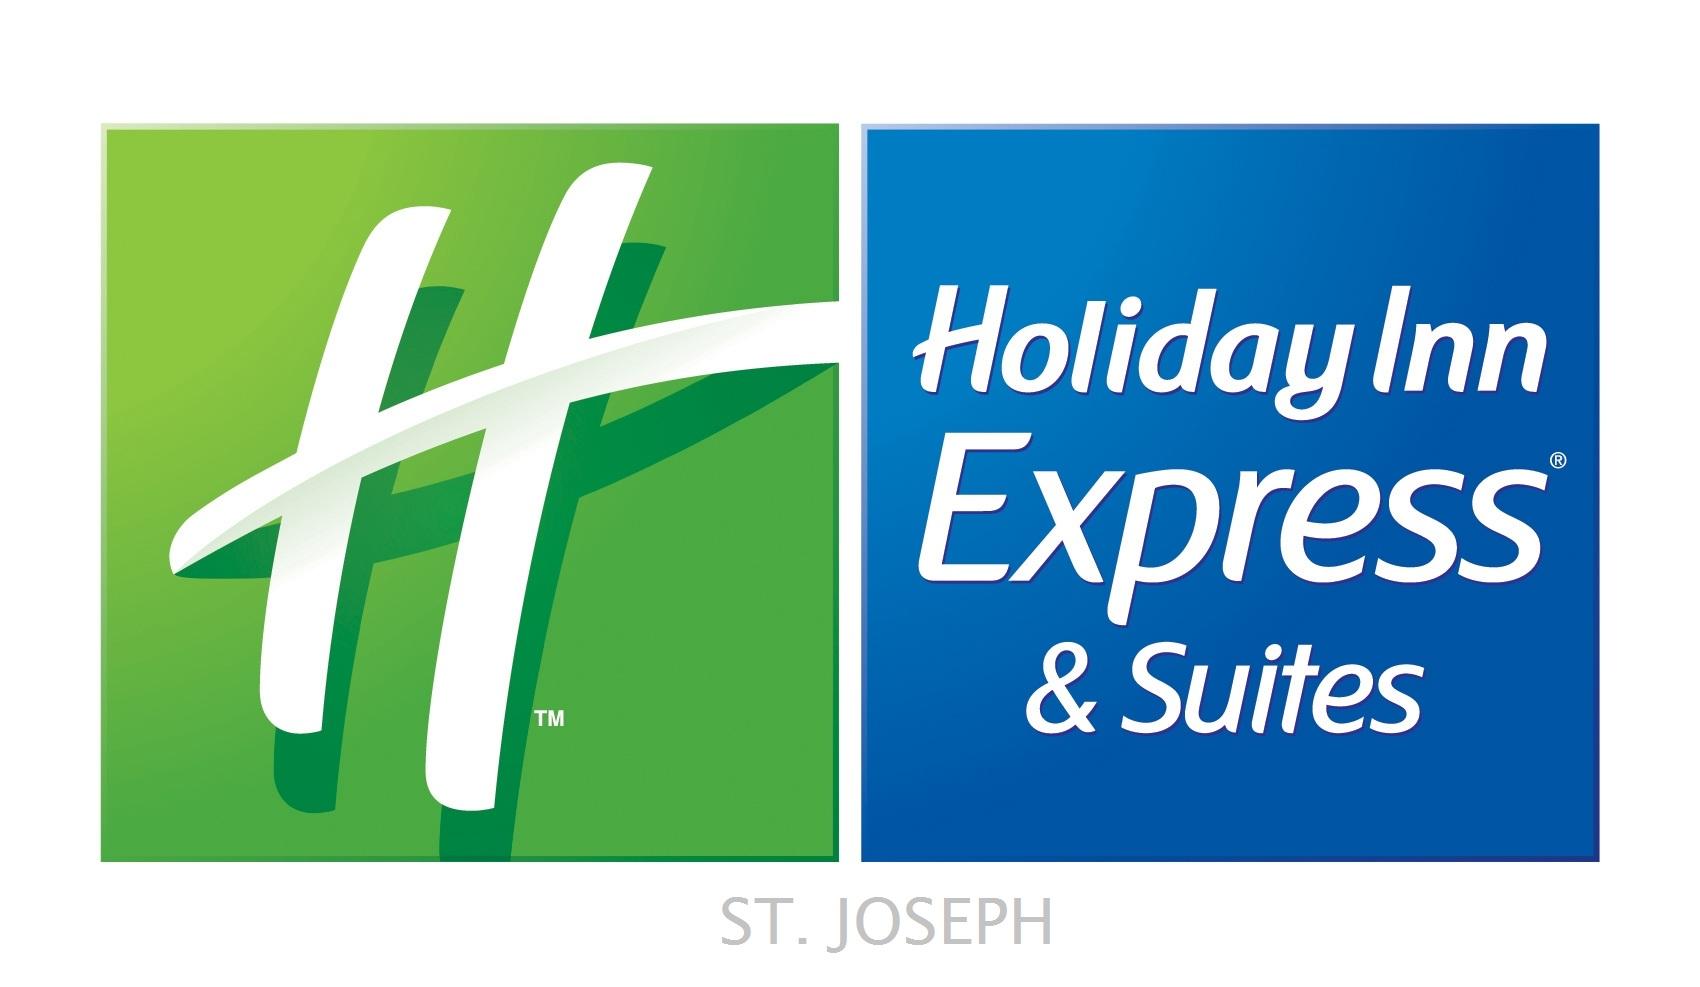 new_logo_OF_ST_JOSEPH